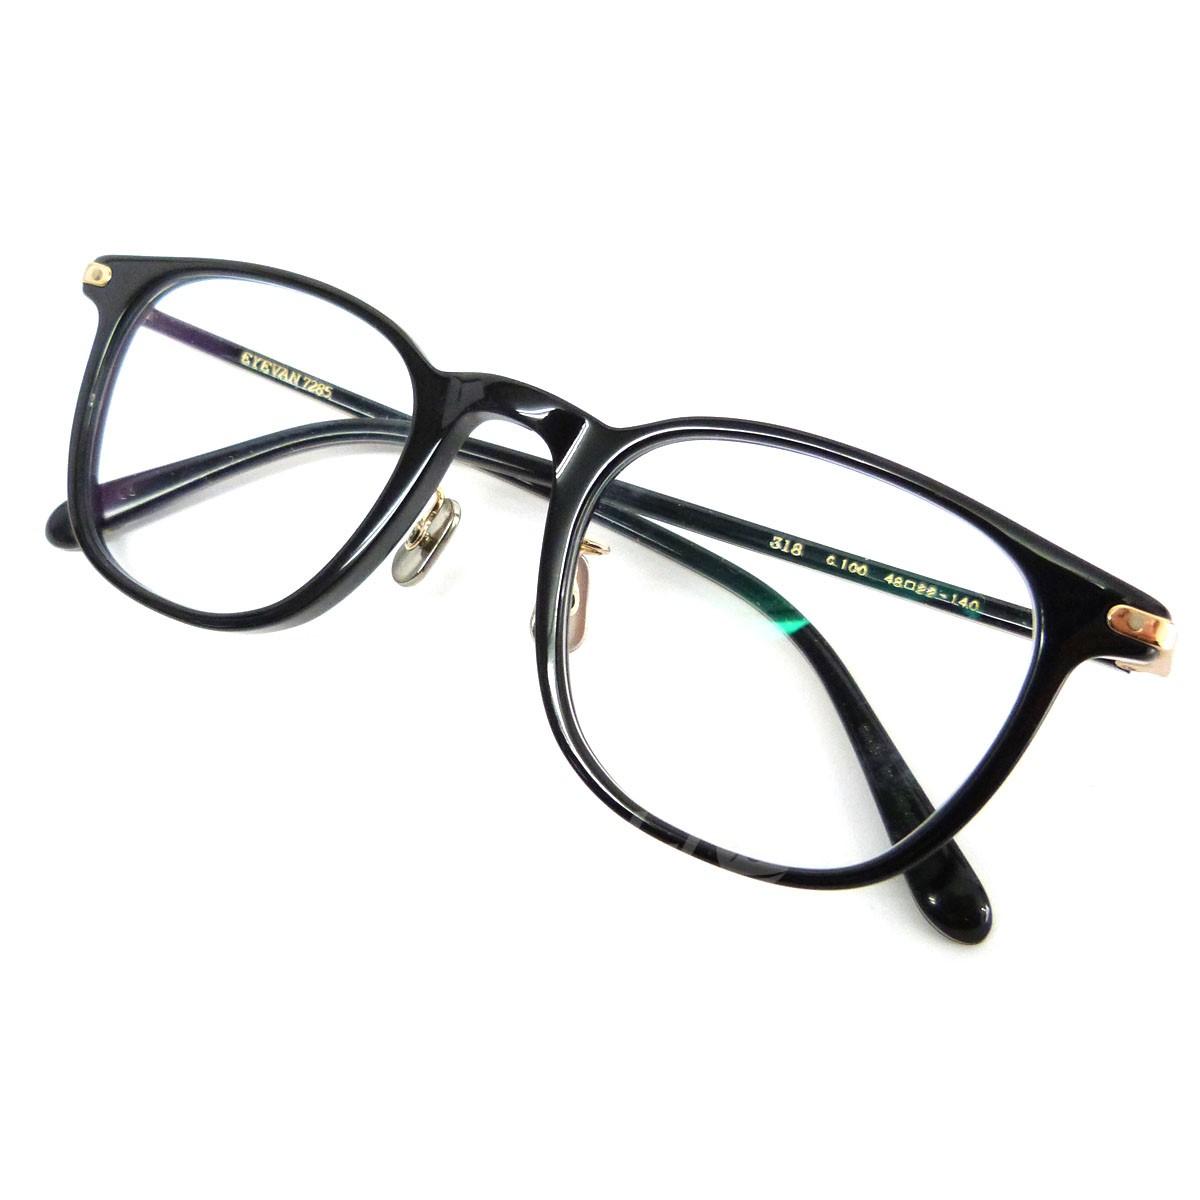 【中古】EYEVAN 7285 「318」眼鏡 ブラック×クリア サイズ:- 【送料無料】 【171018】(アイヴァン7285)